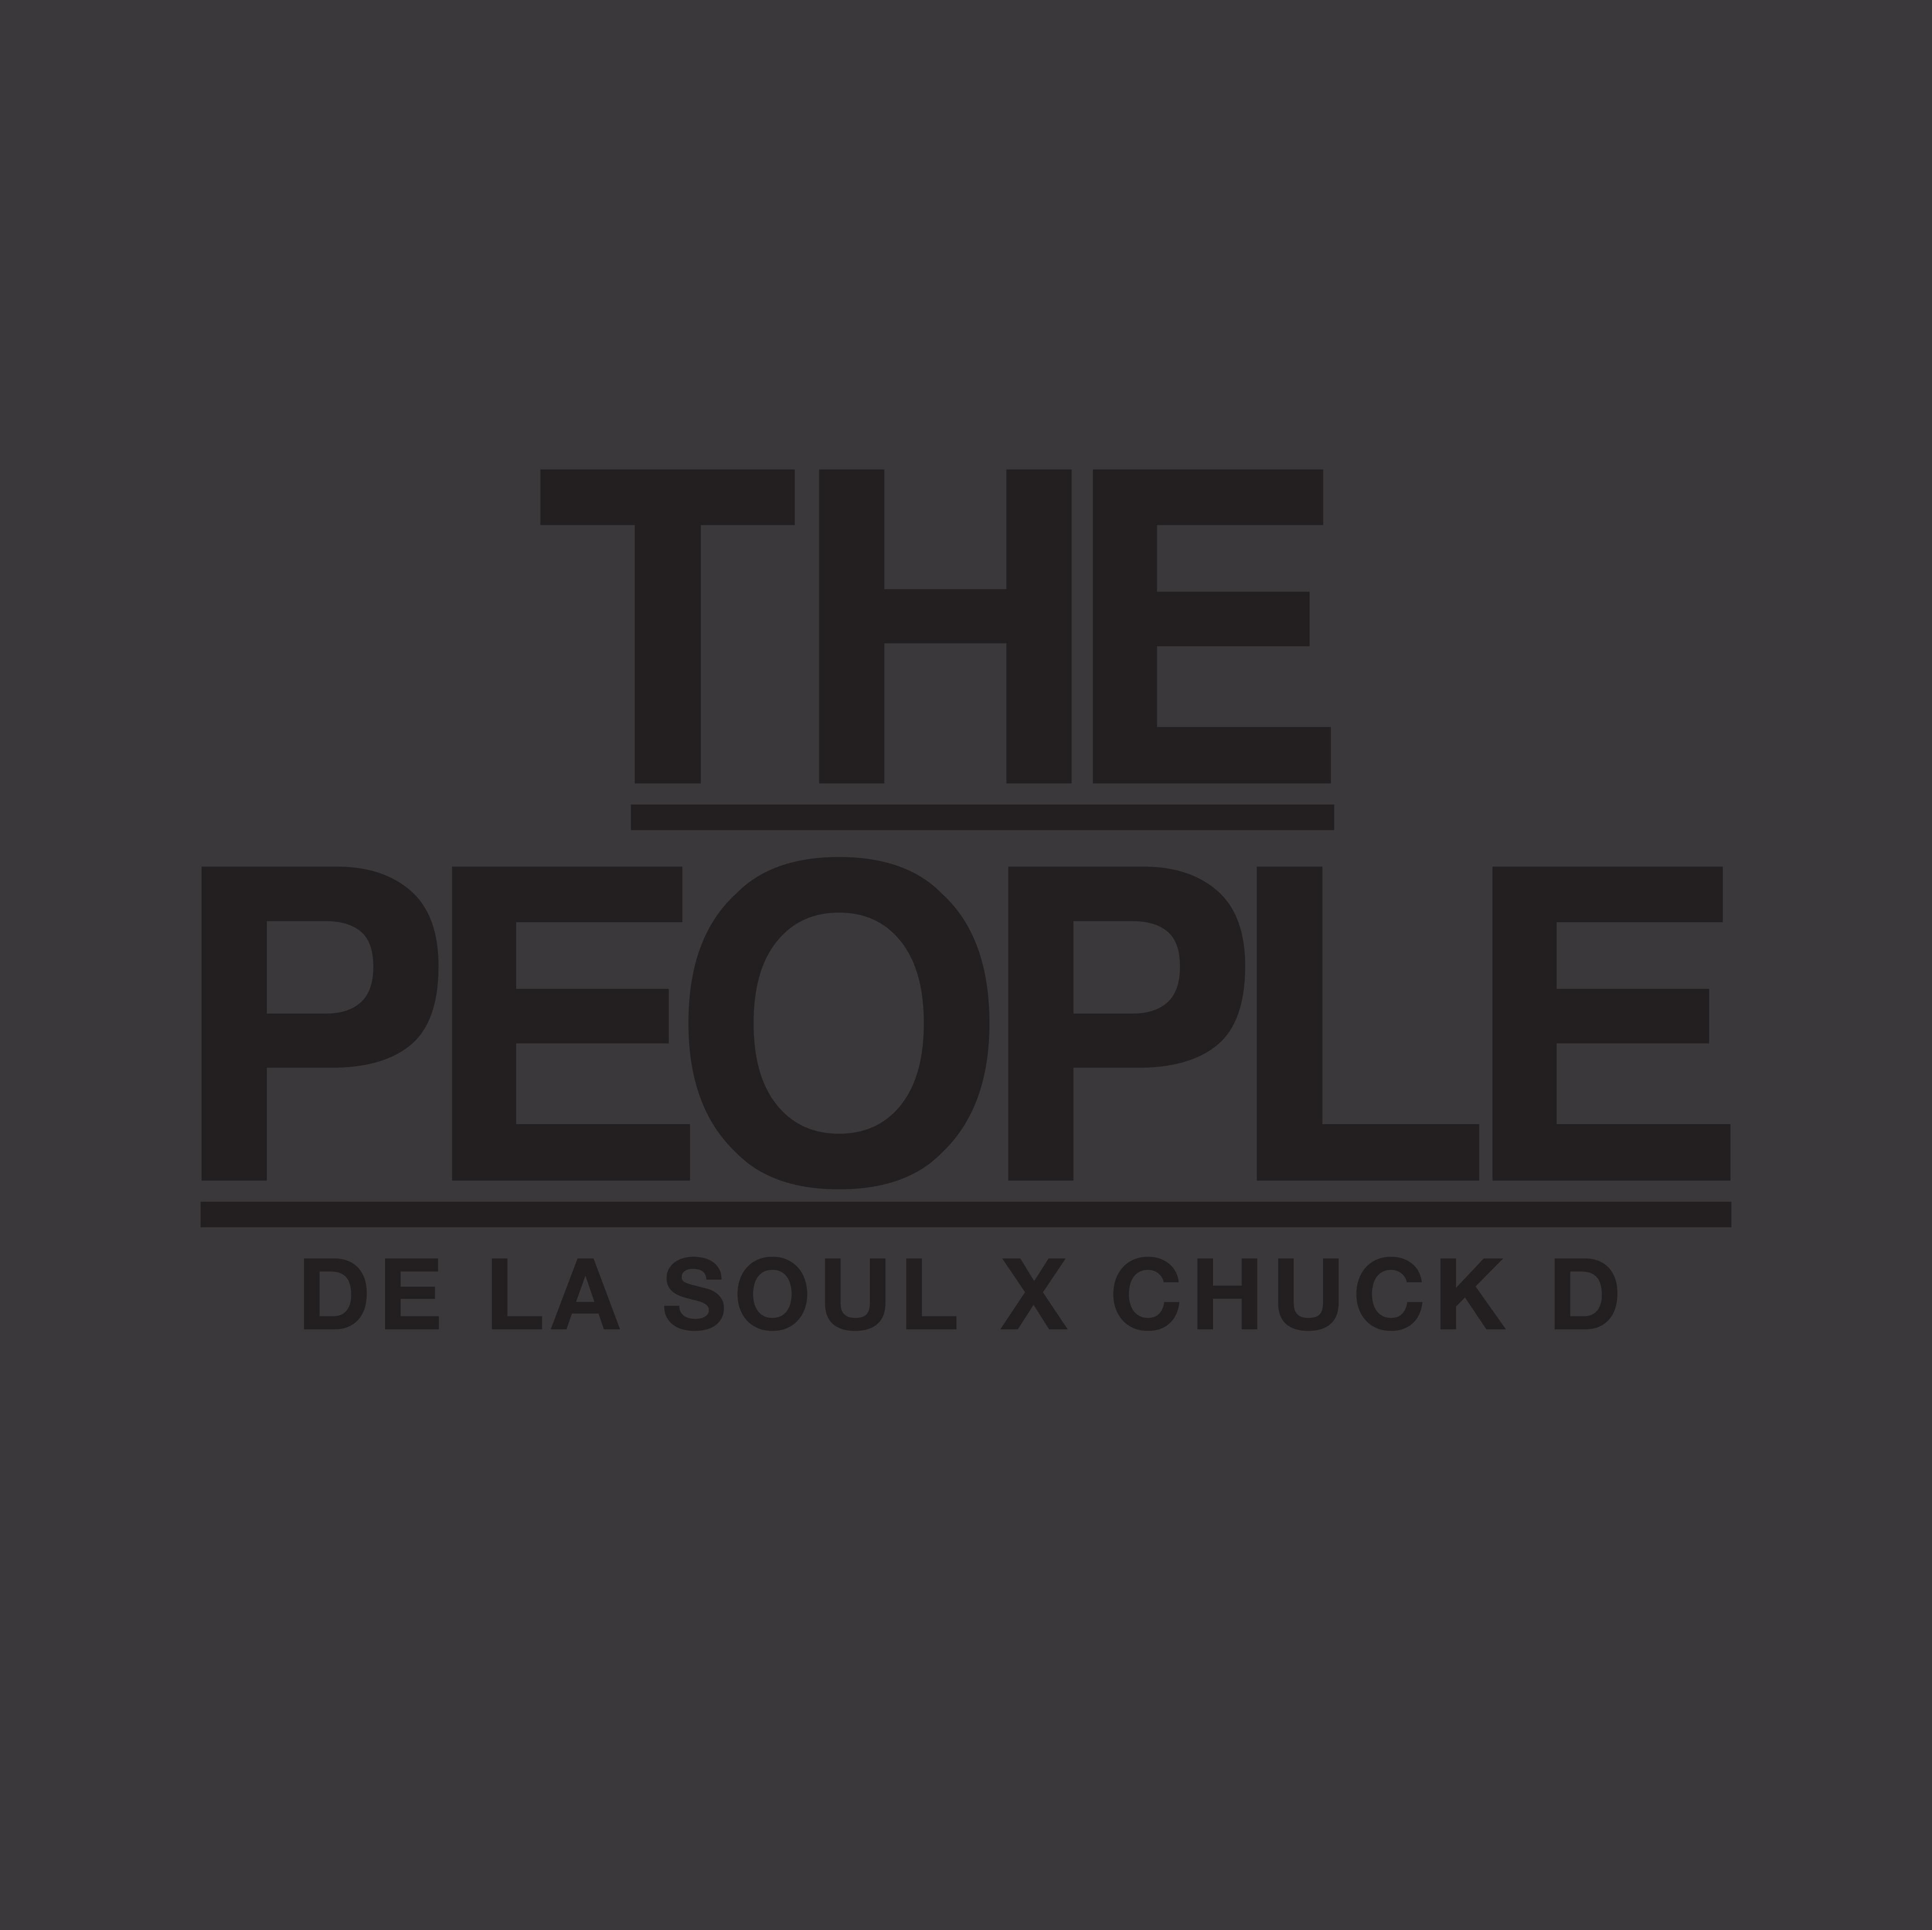 ThePeople_ChuckD_Album